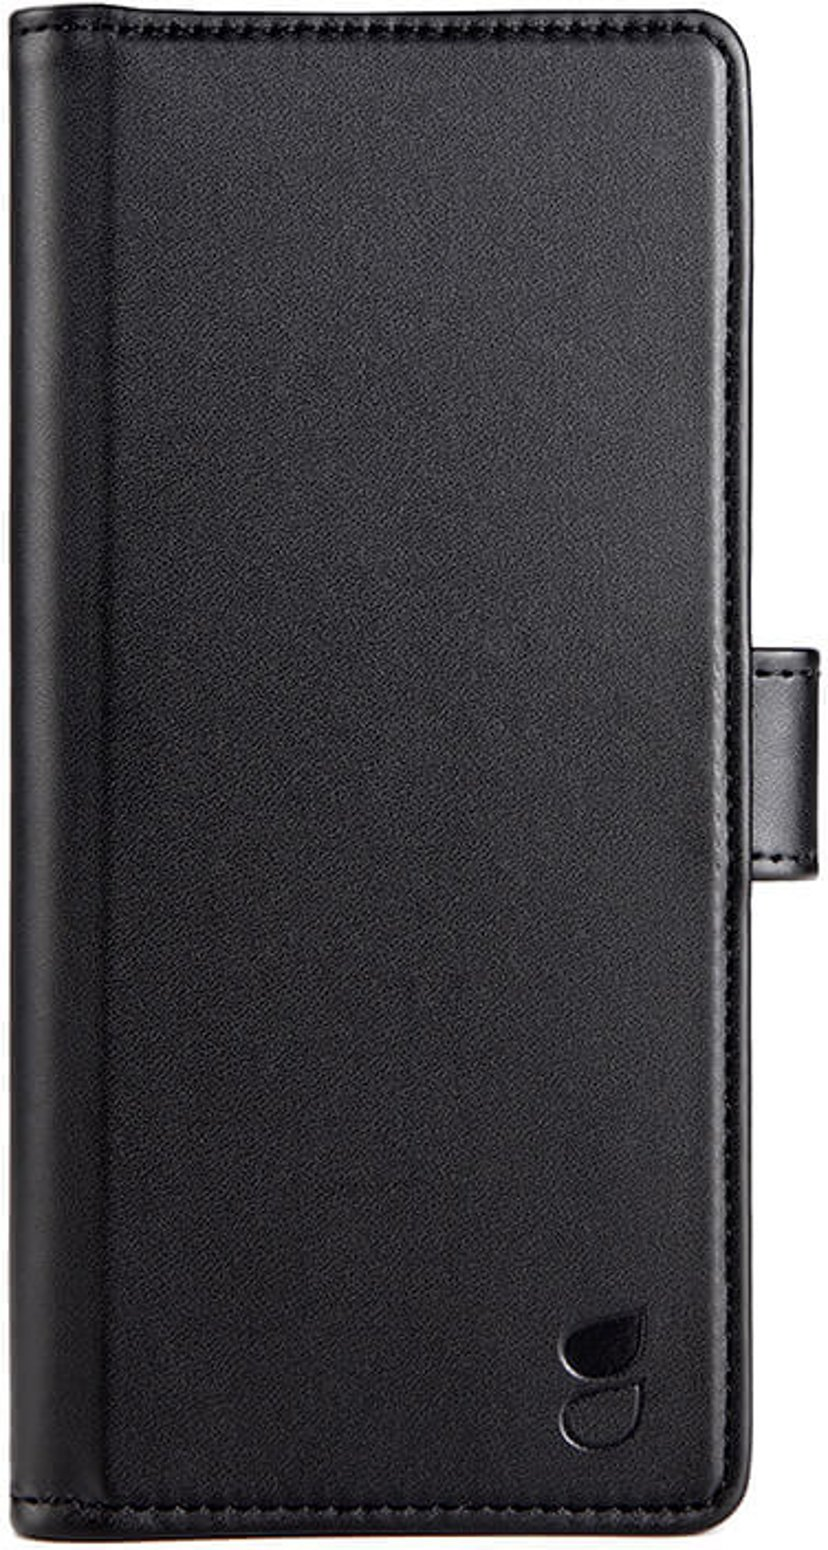 Gear Wallet Case Sony Xperia 1 III Svart